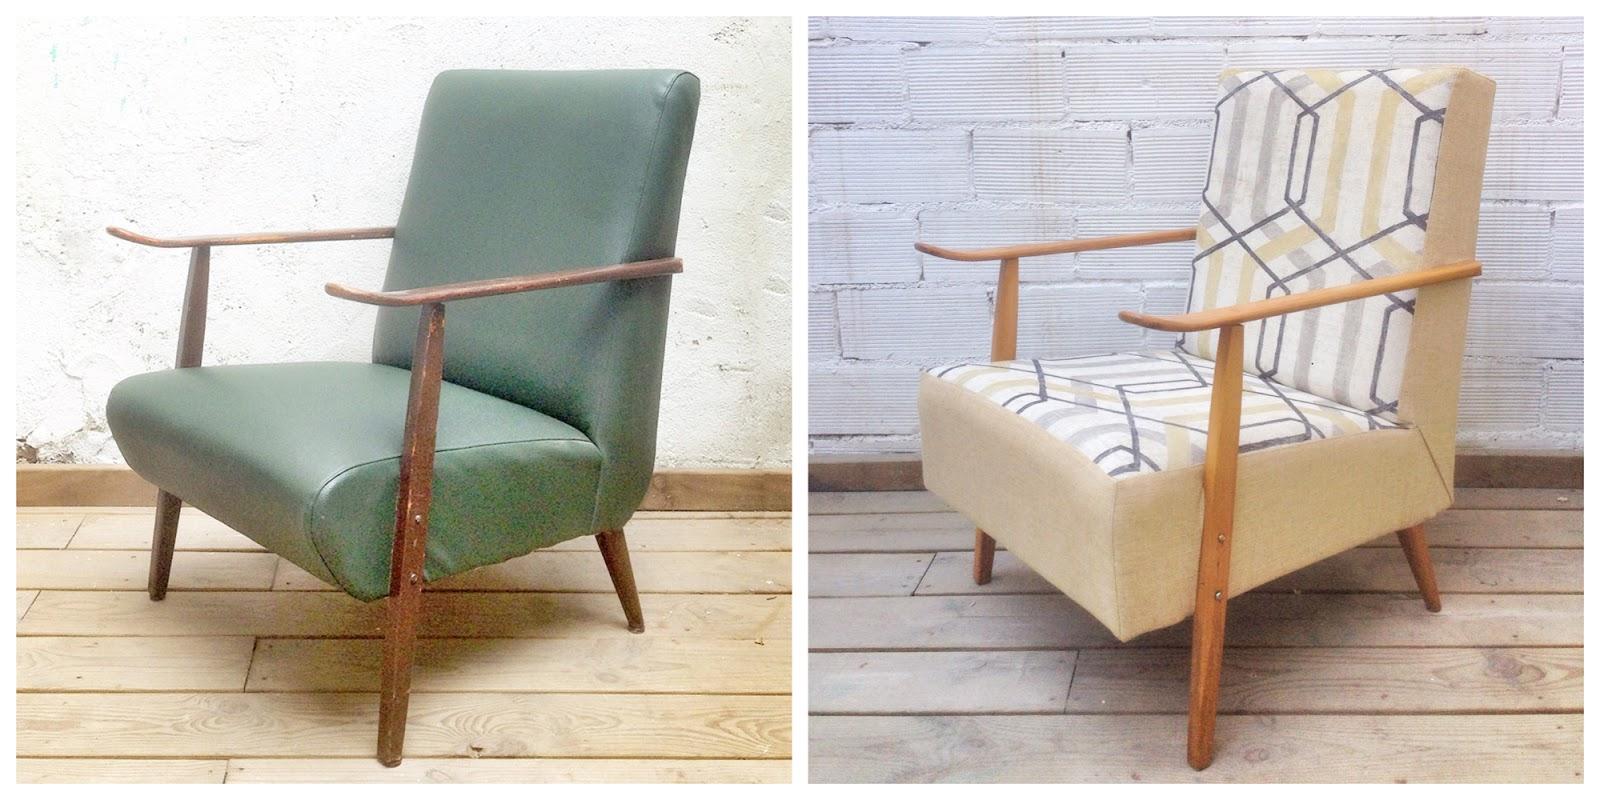 Antes y después - Sillón años 50 tela estampado geométrico - Studio Alis